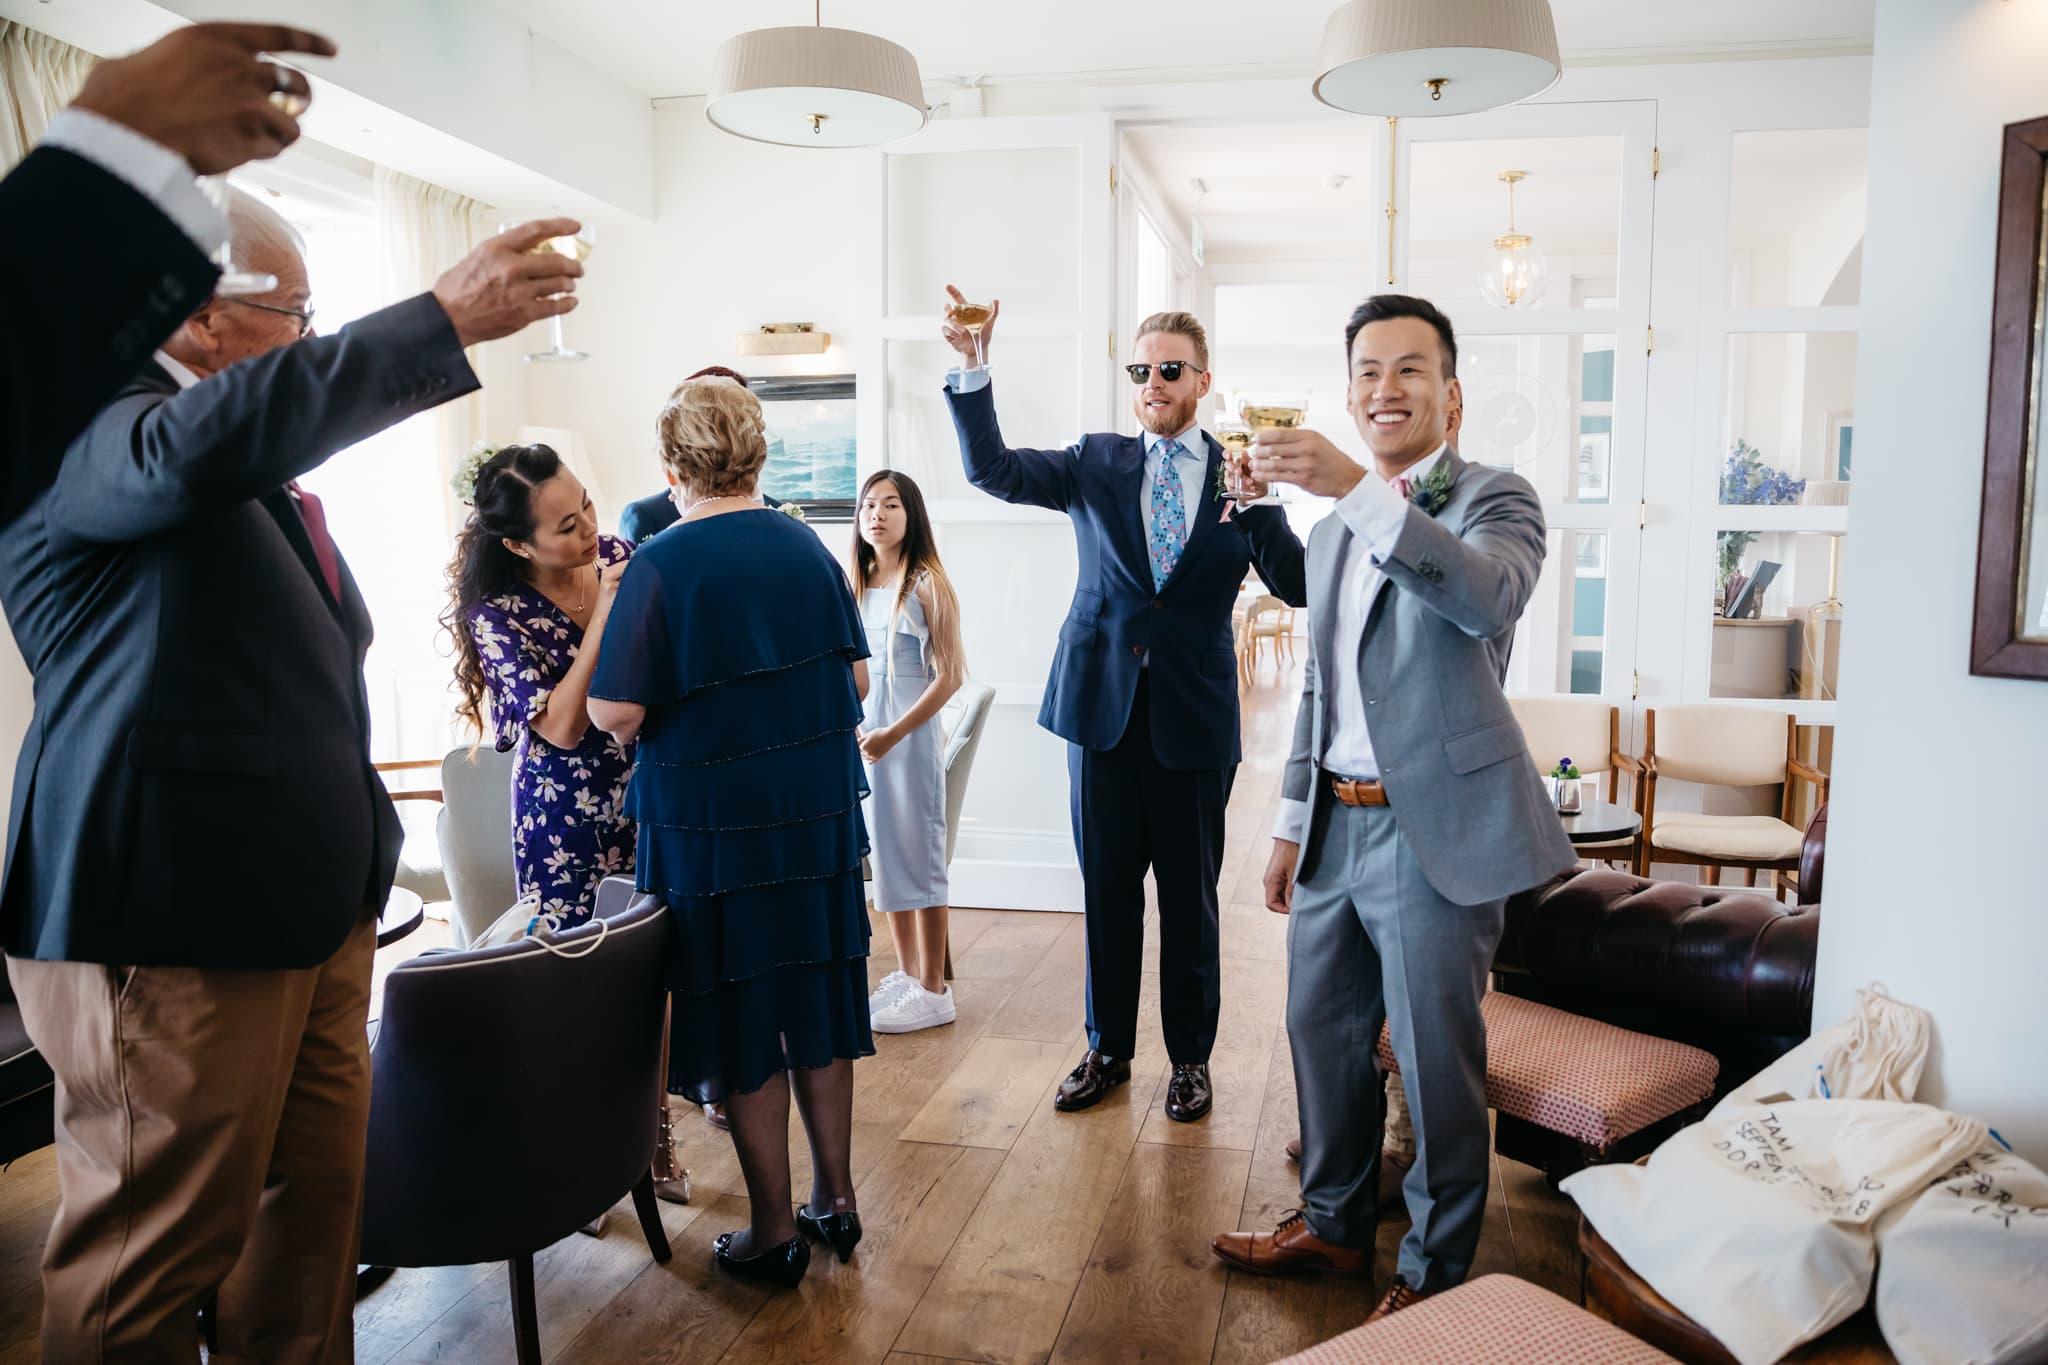 Same sex couple celebrating their wedding